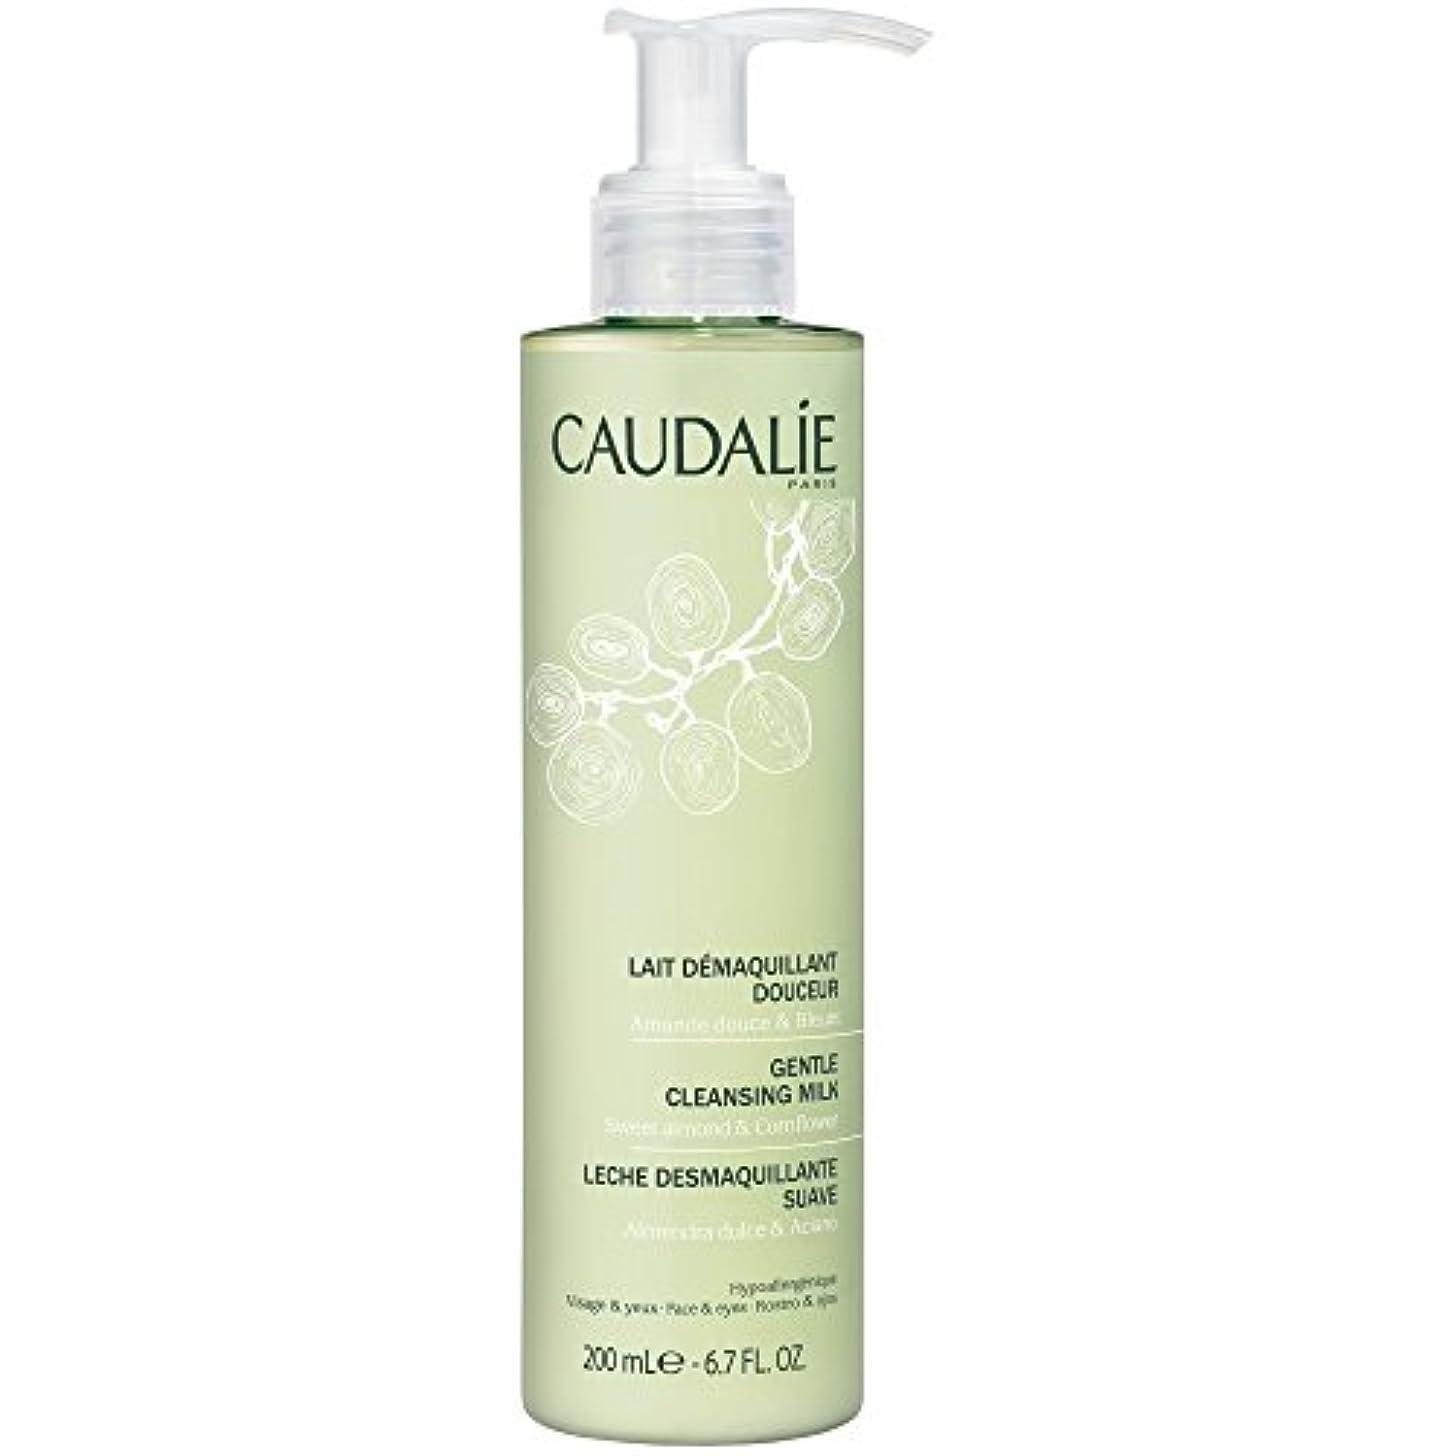 コーダリー優しいクレンジングミルク、200ミリリットル (Caudalie) - Caudalie Gentle Cleansing Milk, 200ml [並行輸入品]